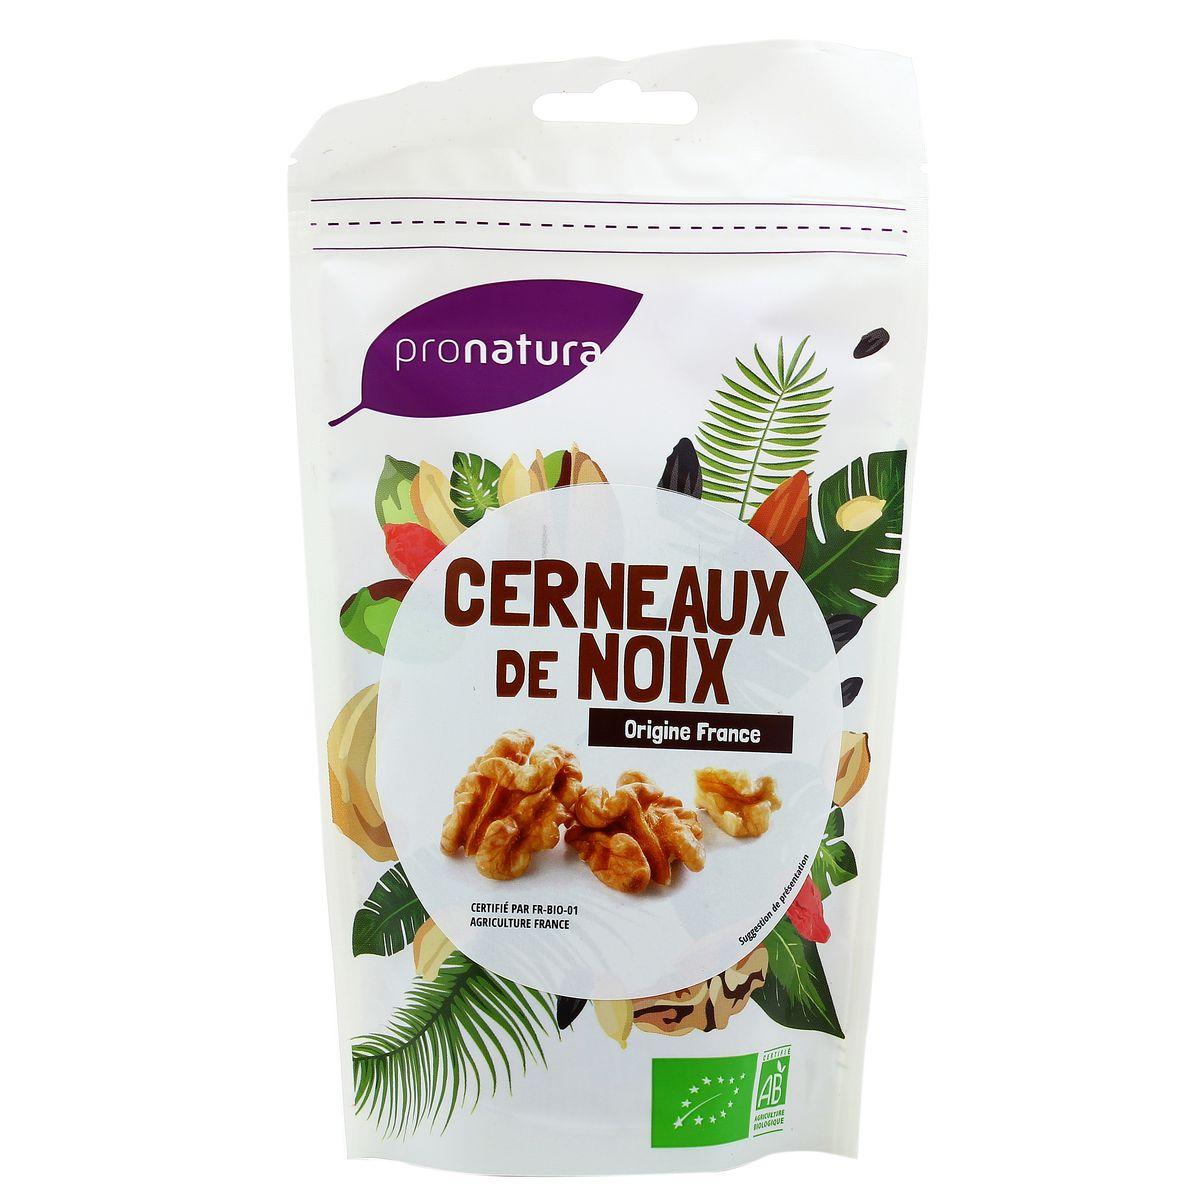 Cerneaux de noix BIO, Pronatura (125 g), France